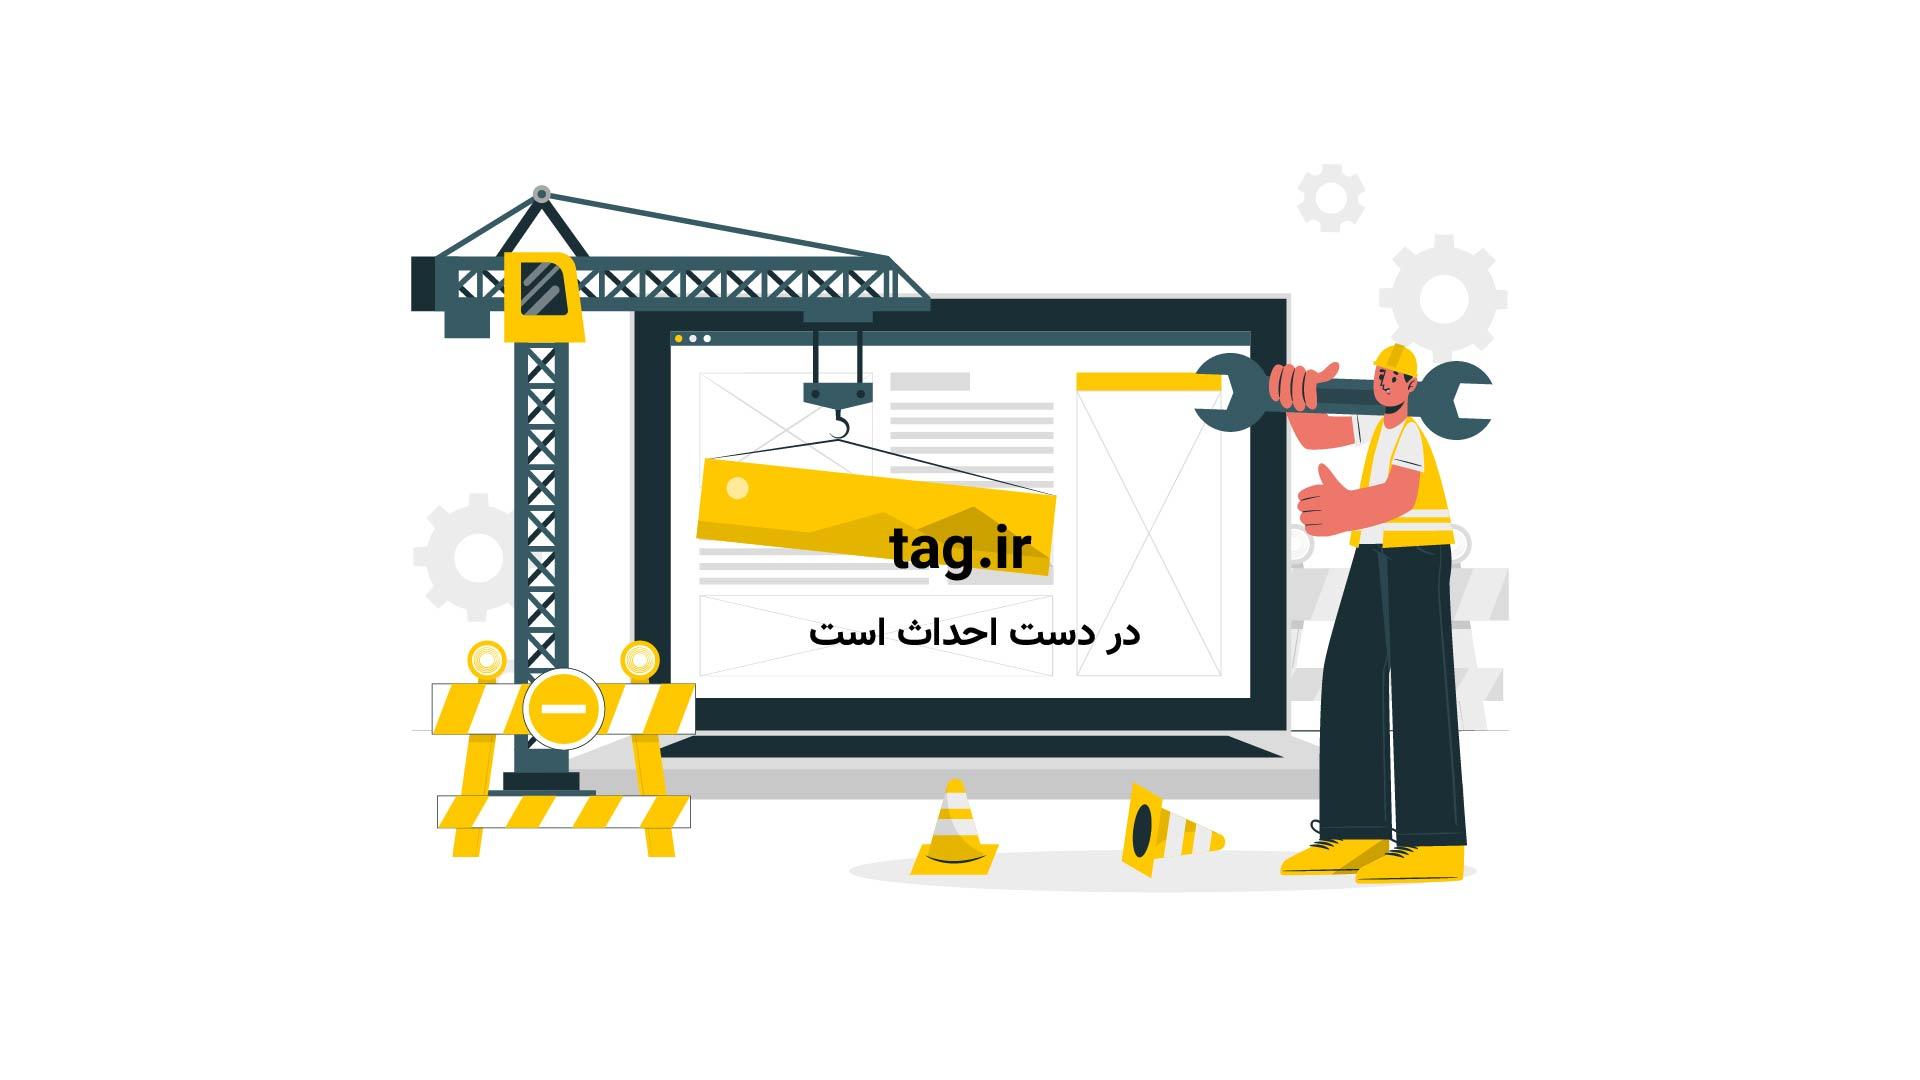 فیلم گریه مادر و فرزندش که از جاماندگان اربعین هستند